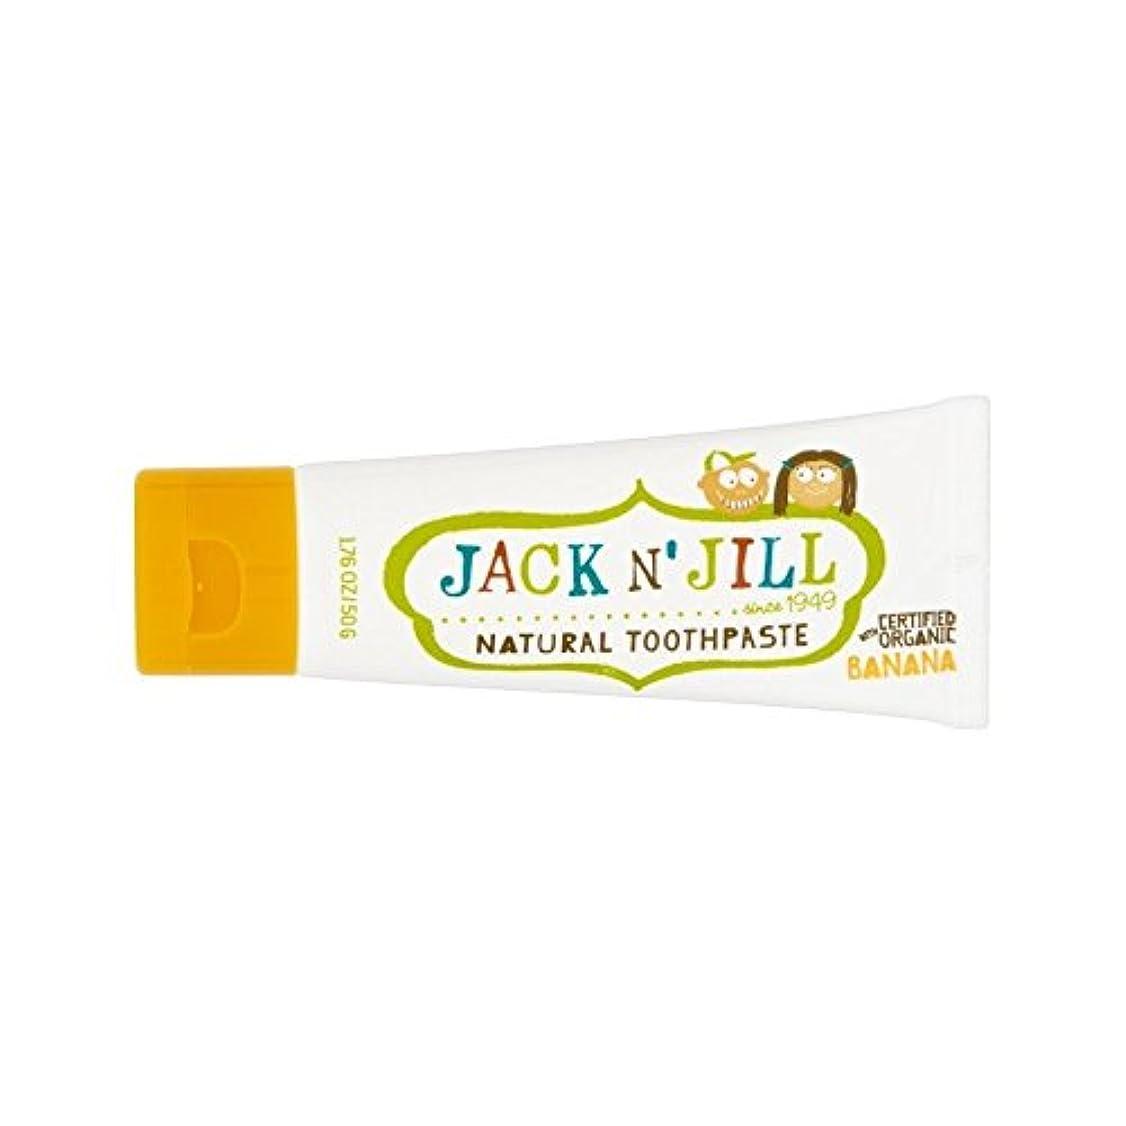 一杯消化器ラッチ有機香味50グラムと自然バナナ歯磨き粉 (Jack N Jill) (x 4) - Jack N' Jill Banana Toothpaste Natural with Organic Flavouring 50g (Pack of 4) [並行輸入品]